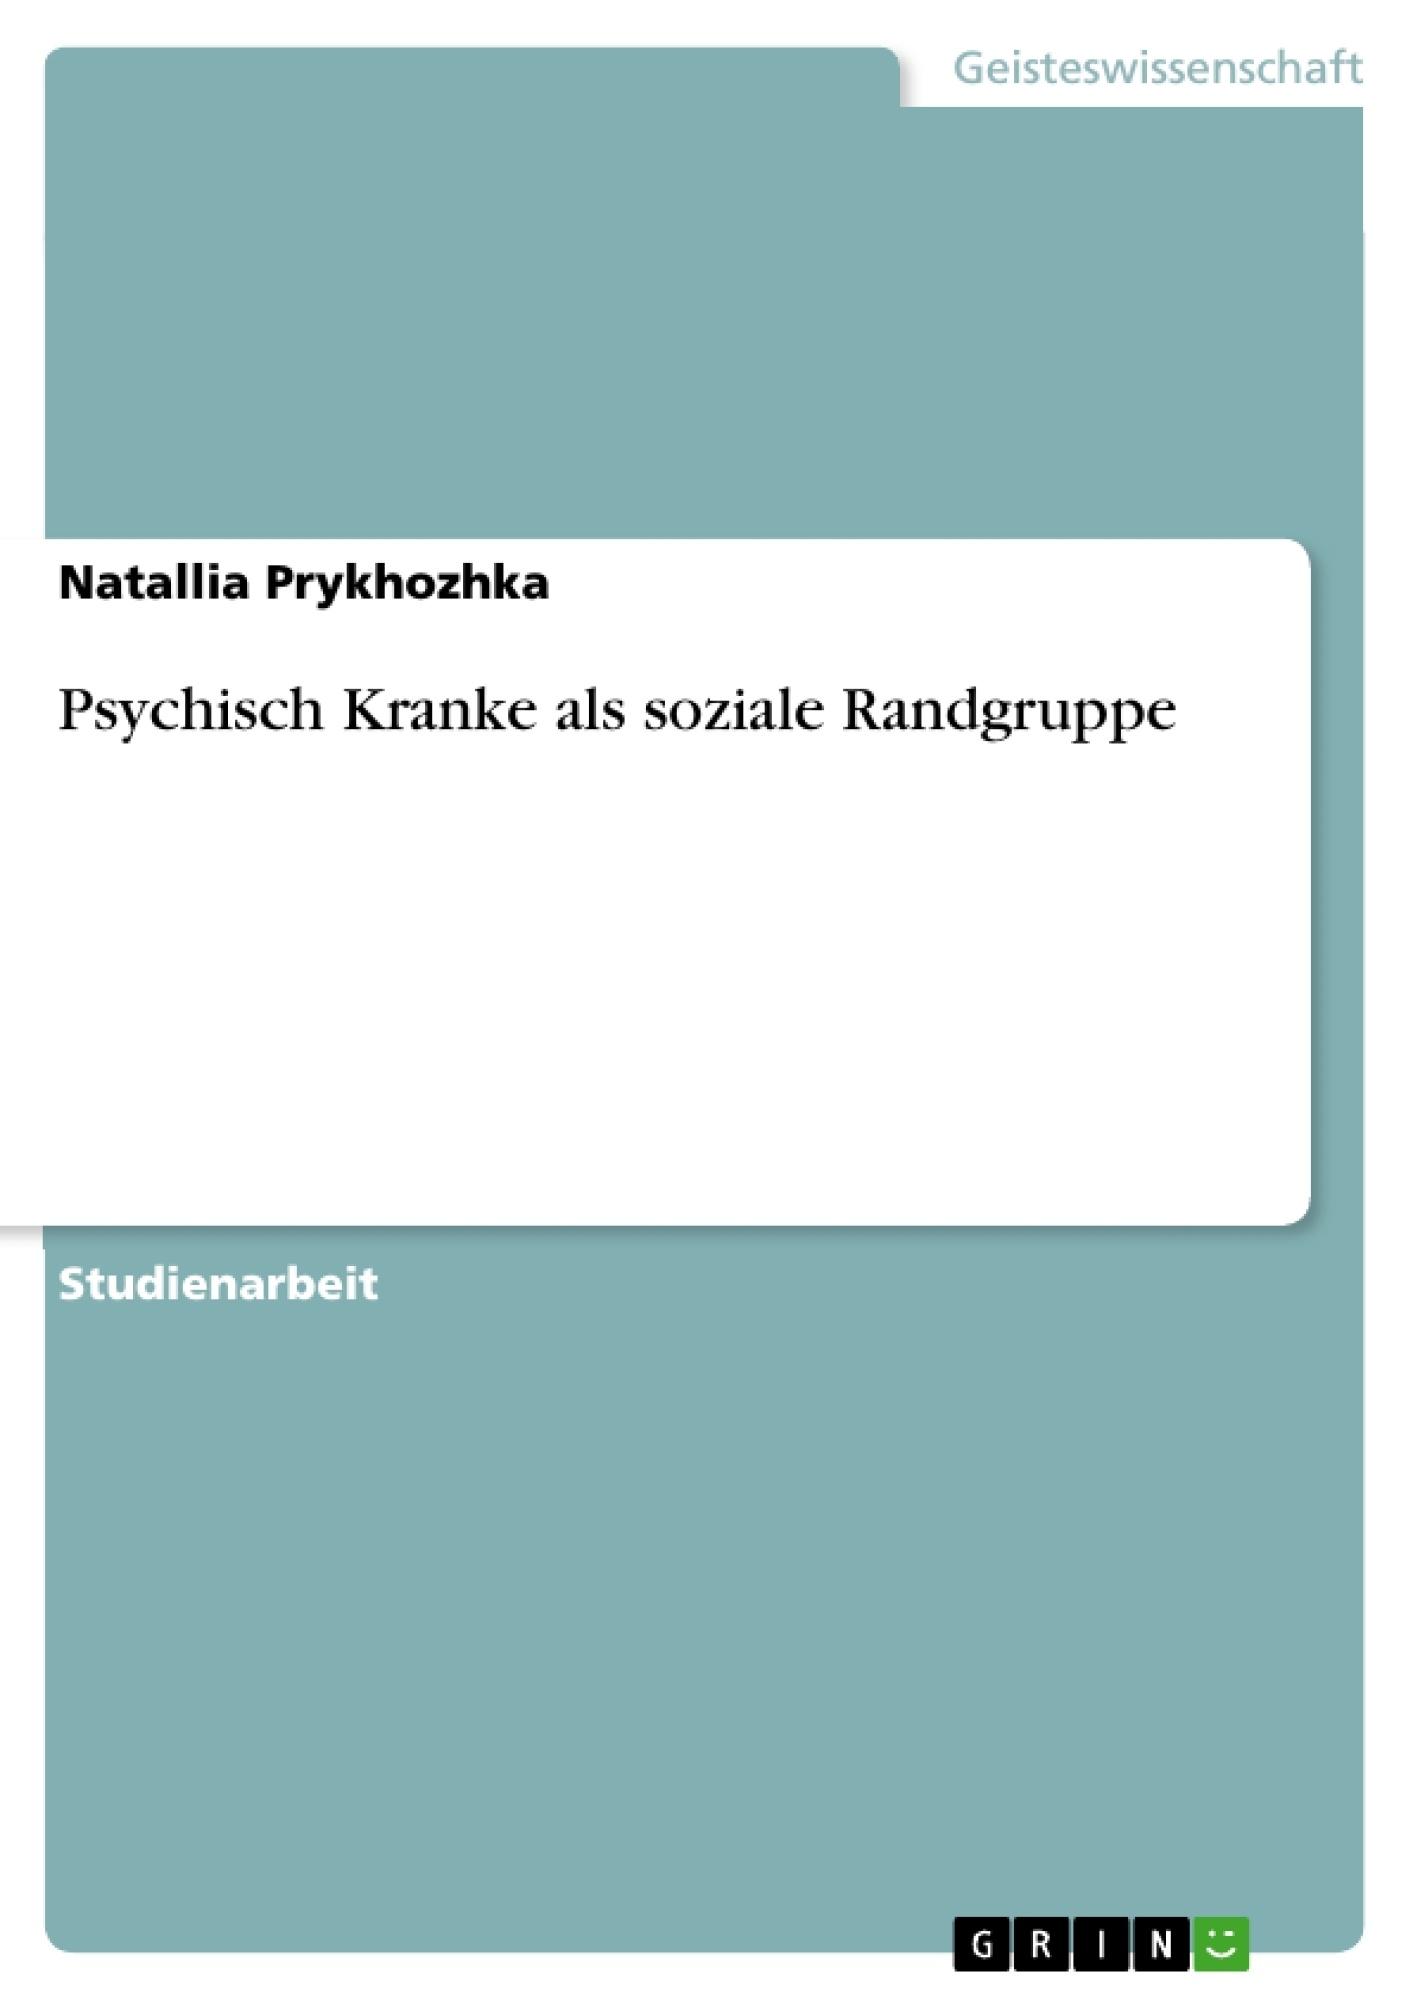 Titel: Psychisch Kranke als soziale Randgruppe